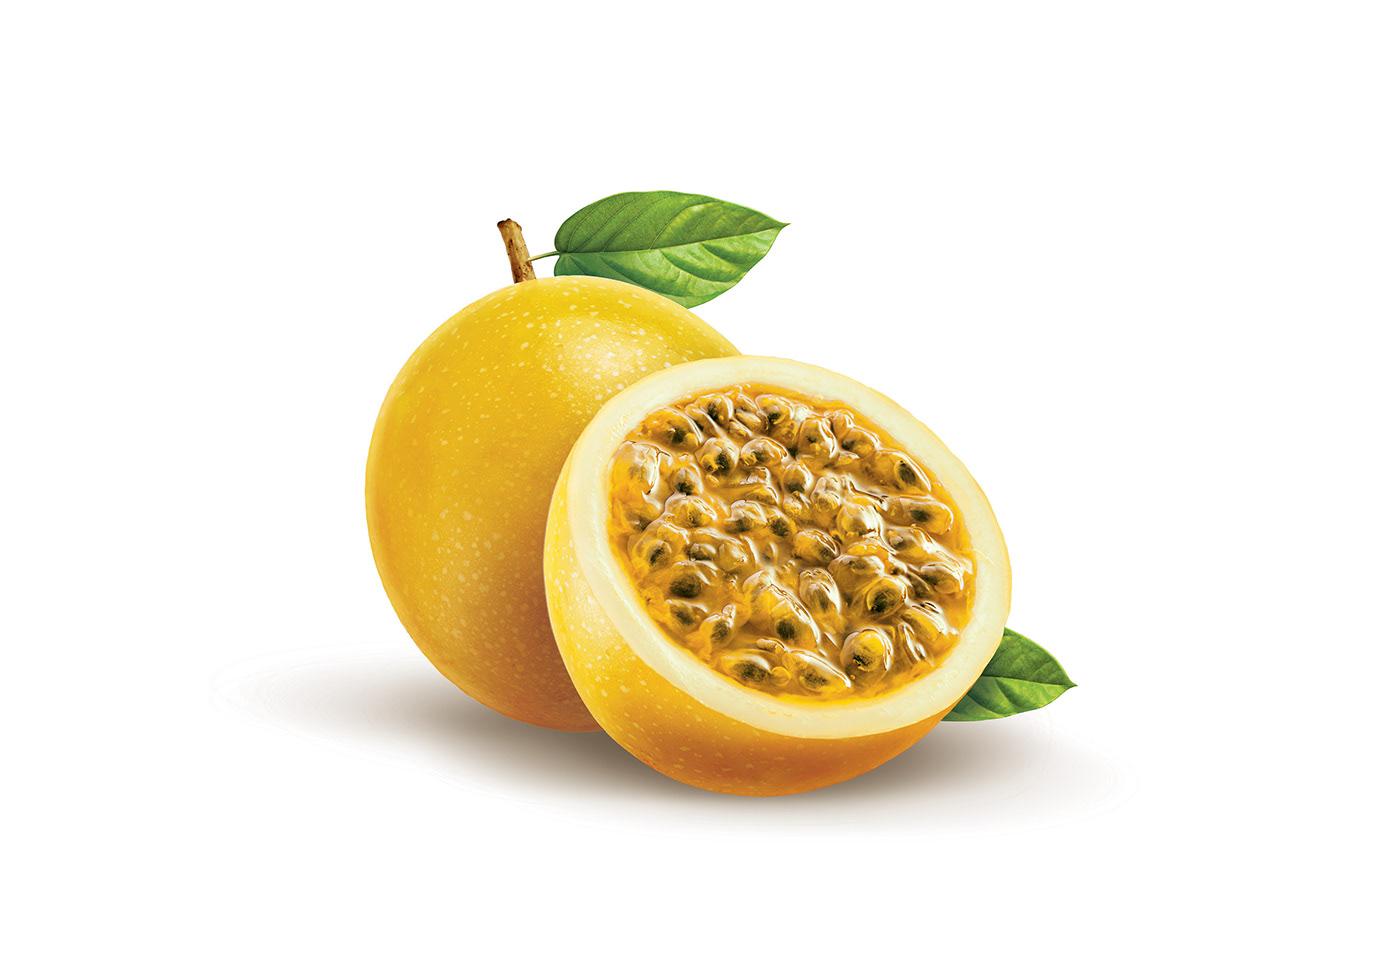 Image may contain: food, lemon and banana